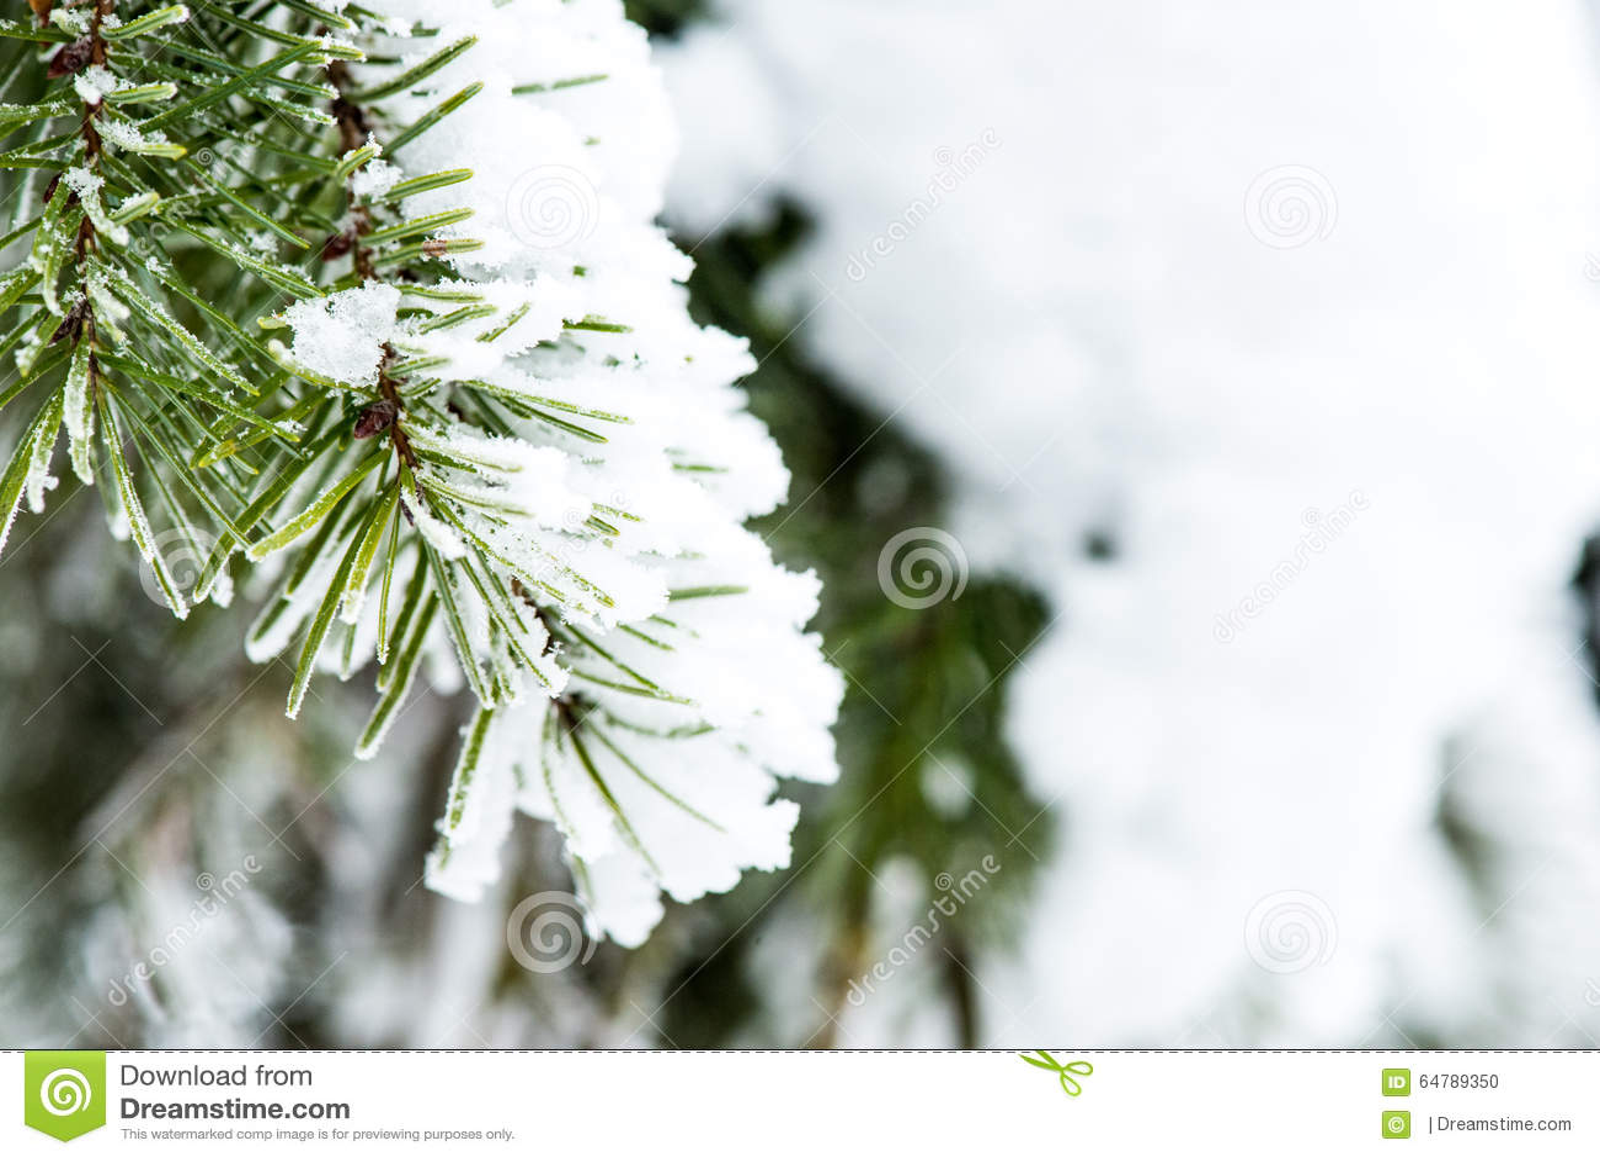 Sneeuw op Pijnboomnaalden die wordt verzameld